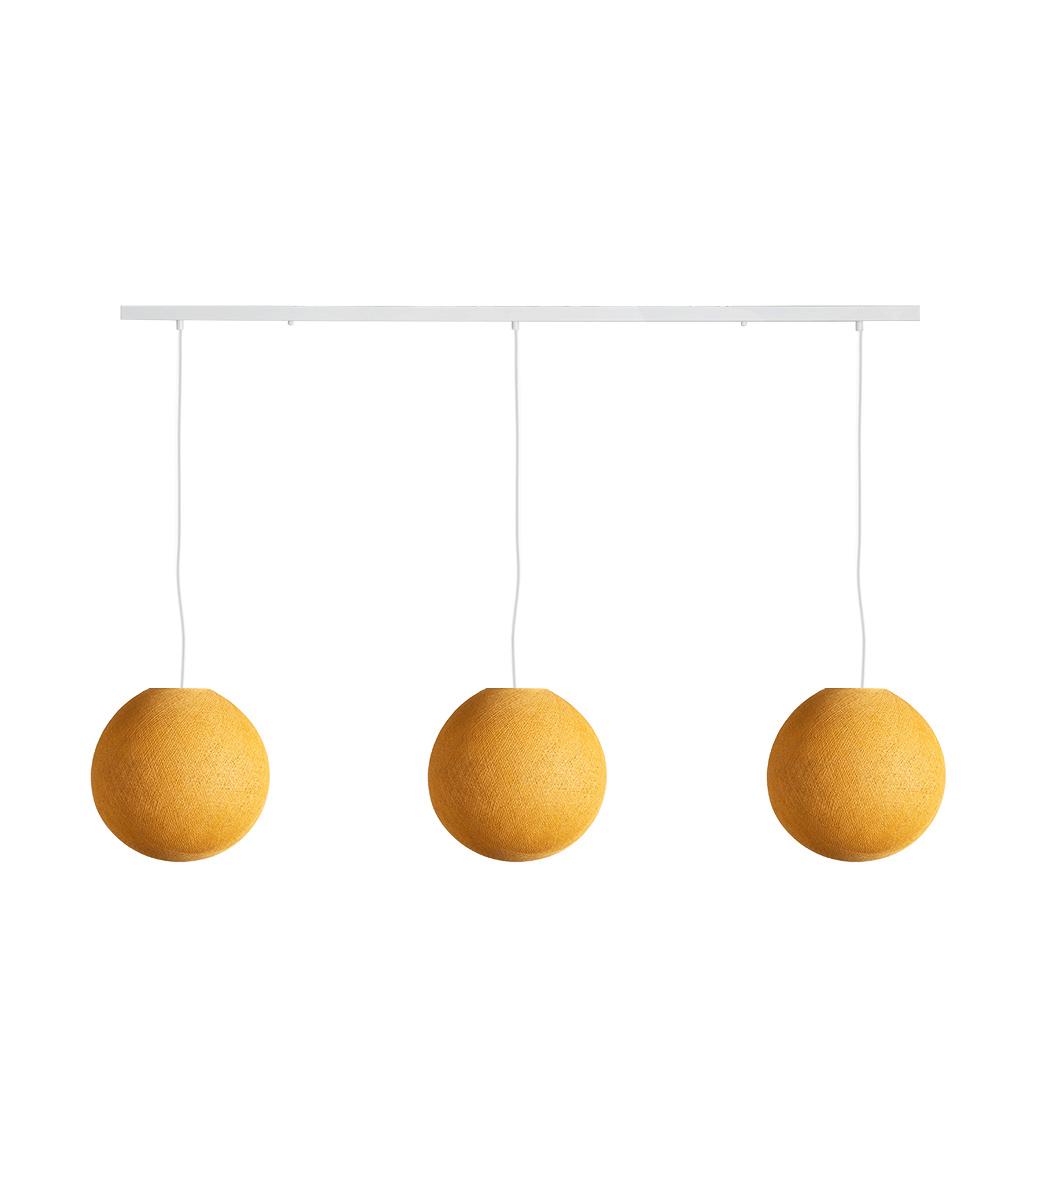 Cotton Ball Lights Drievoudige hanglamp balk - Mustard